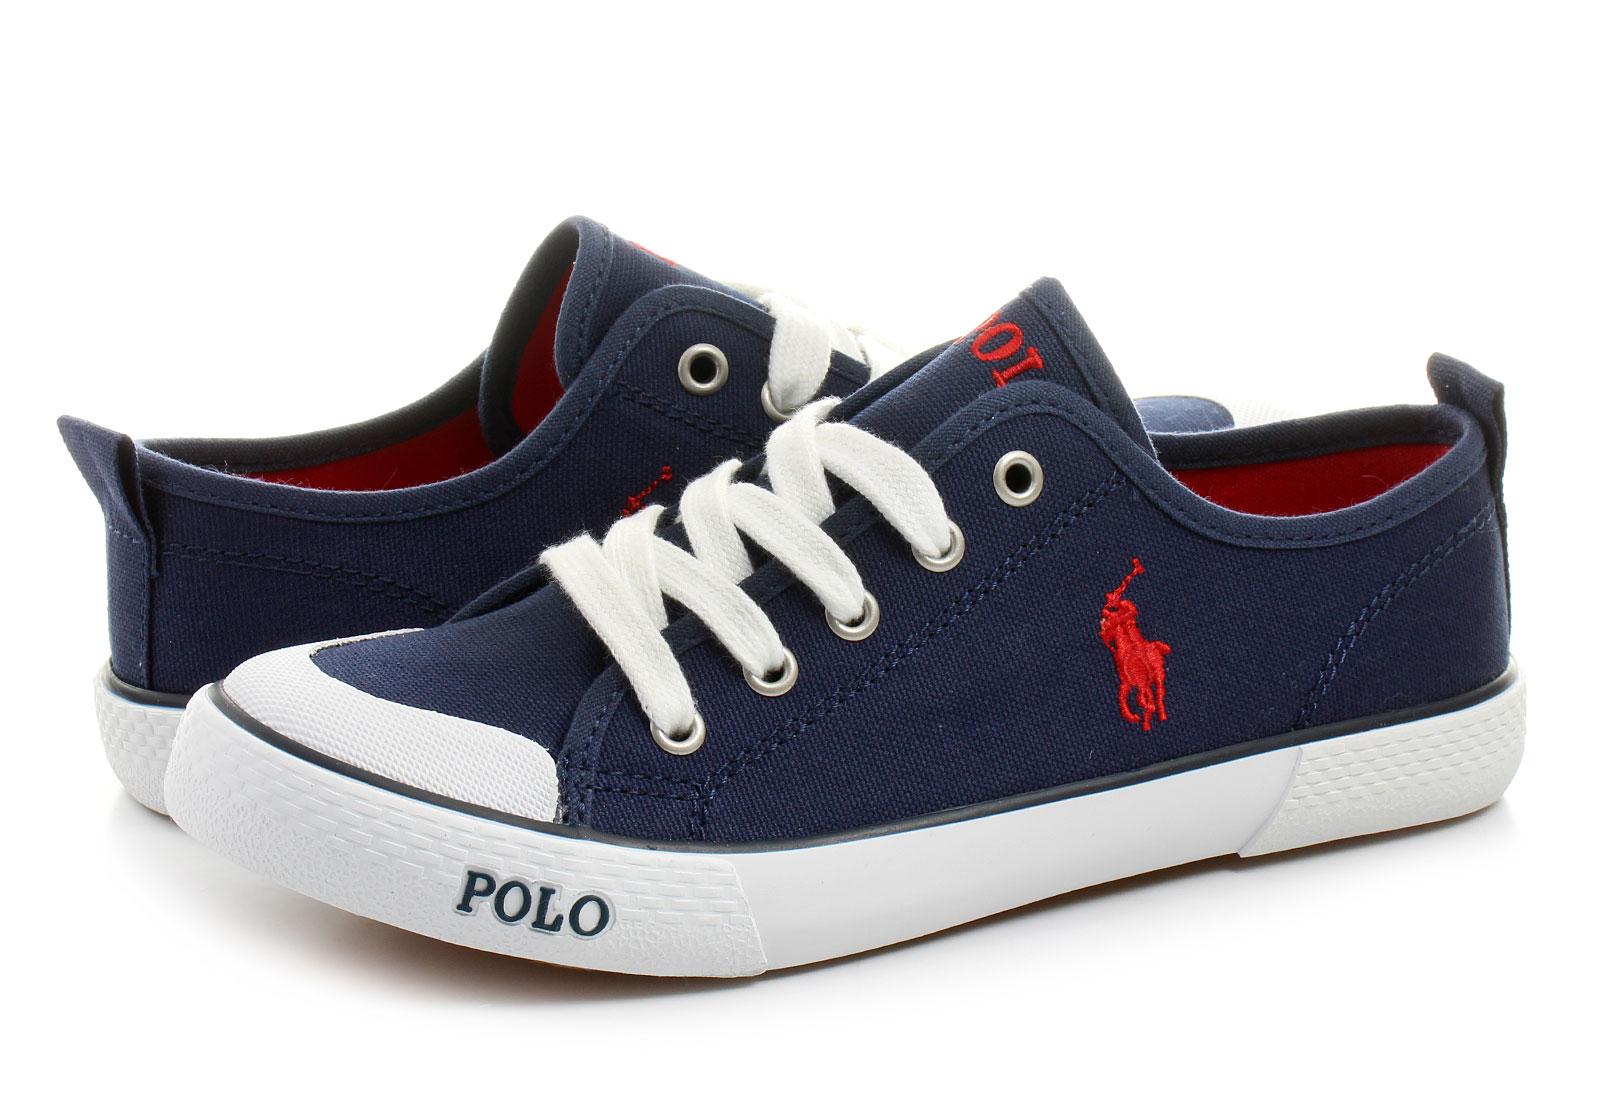 Polo Ralph Lauren Topánky - Carlisle - 992612-c-nvy - Tenisky ... 67abd1fd6a7